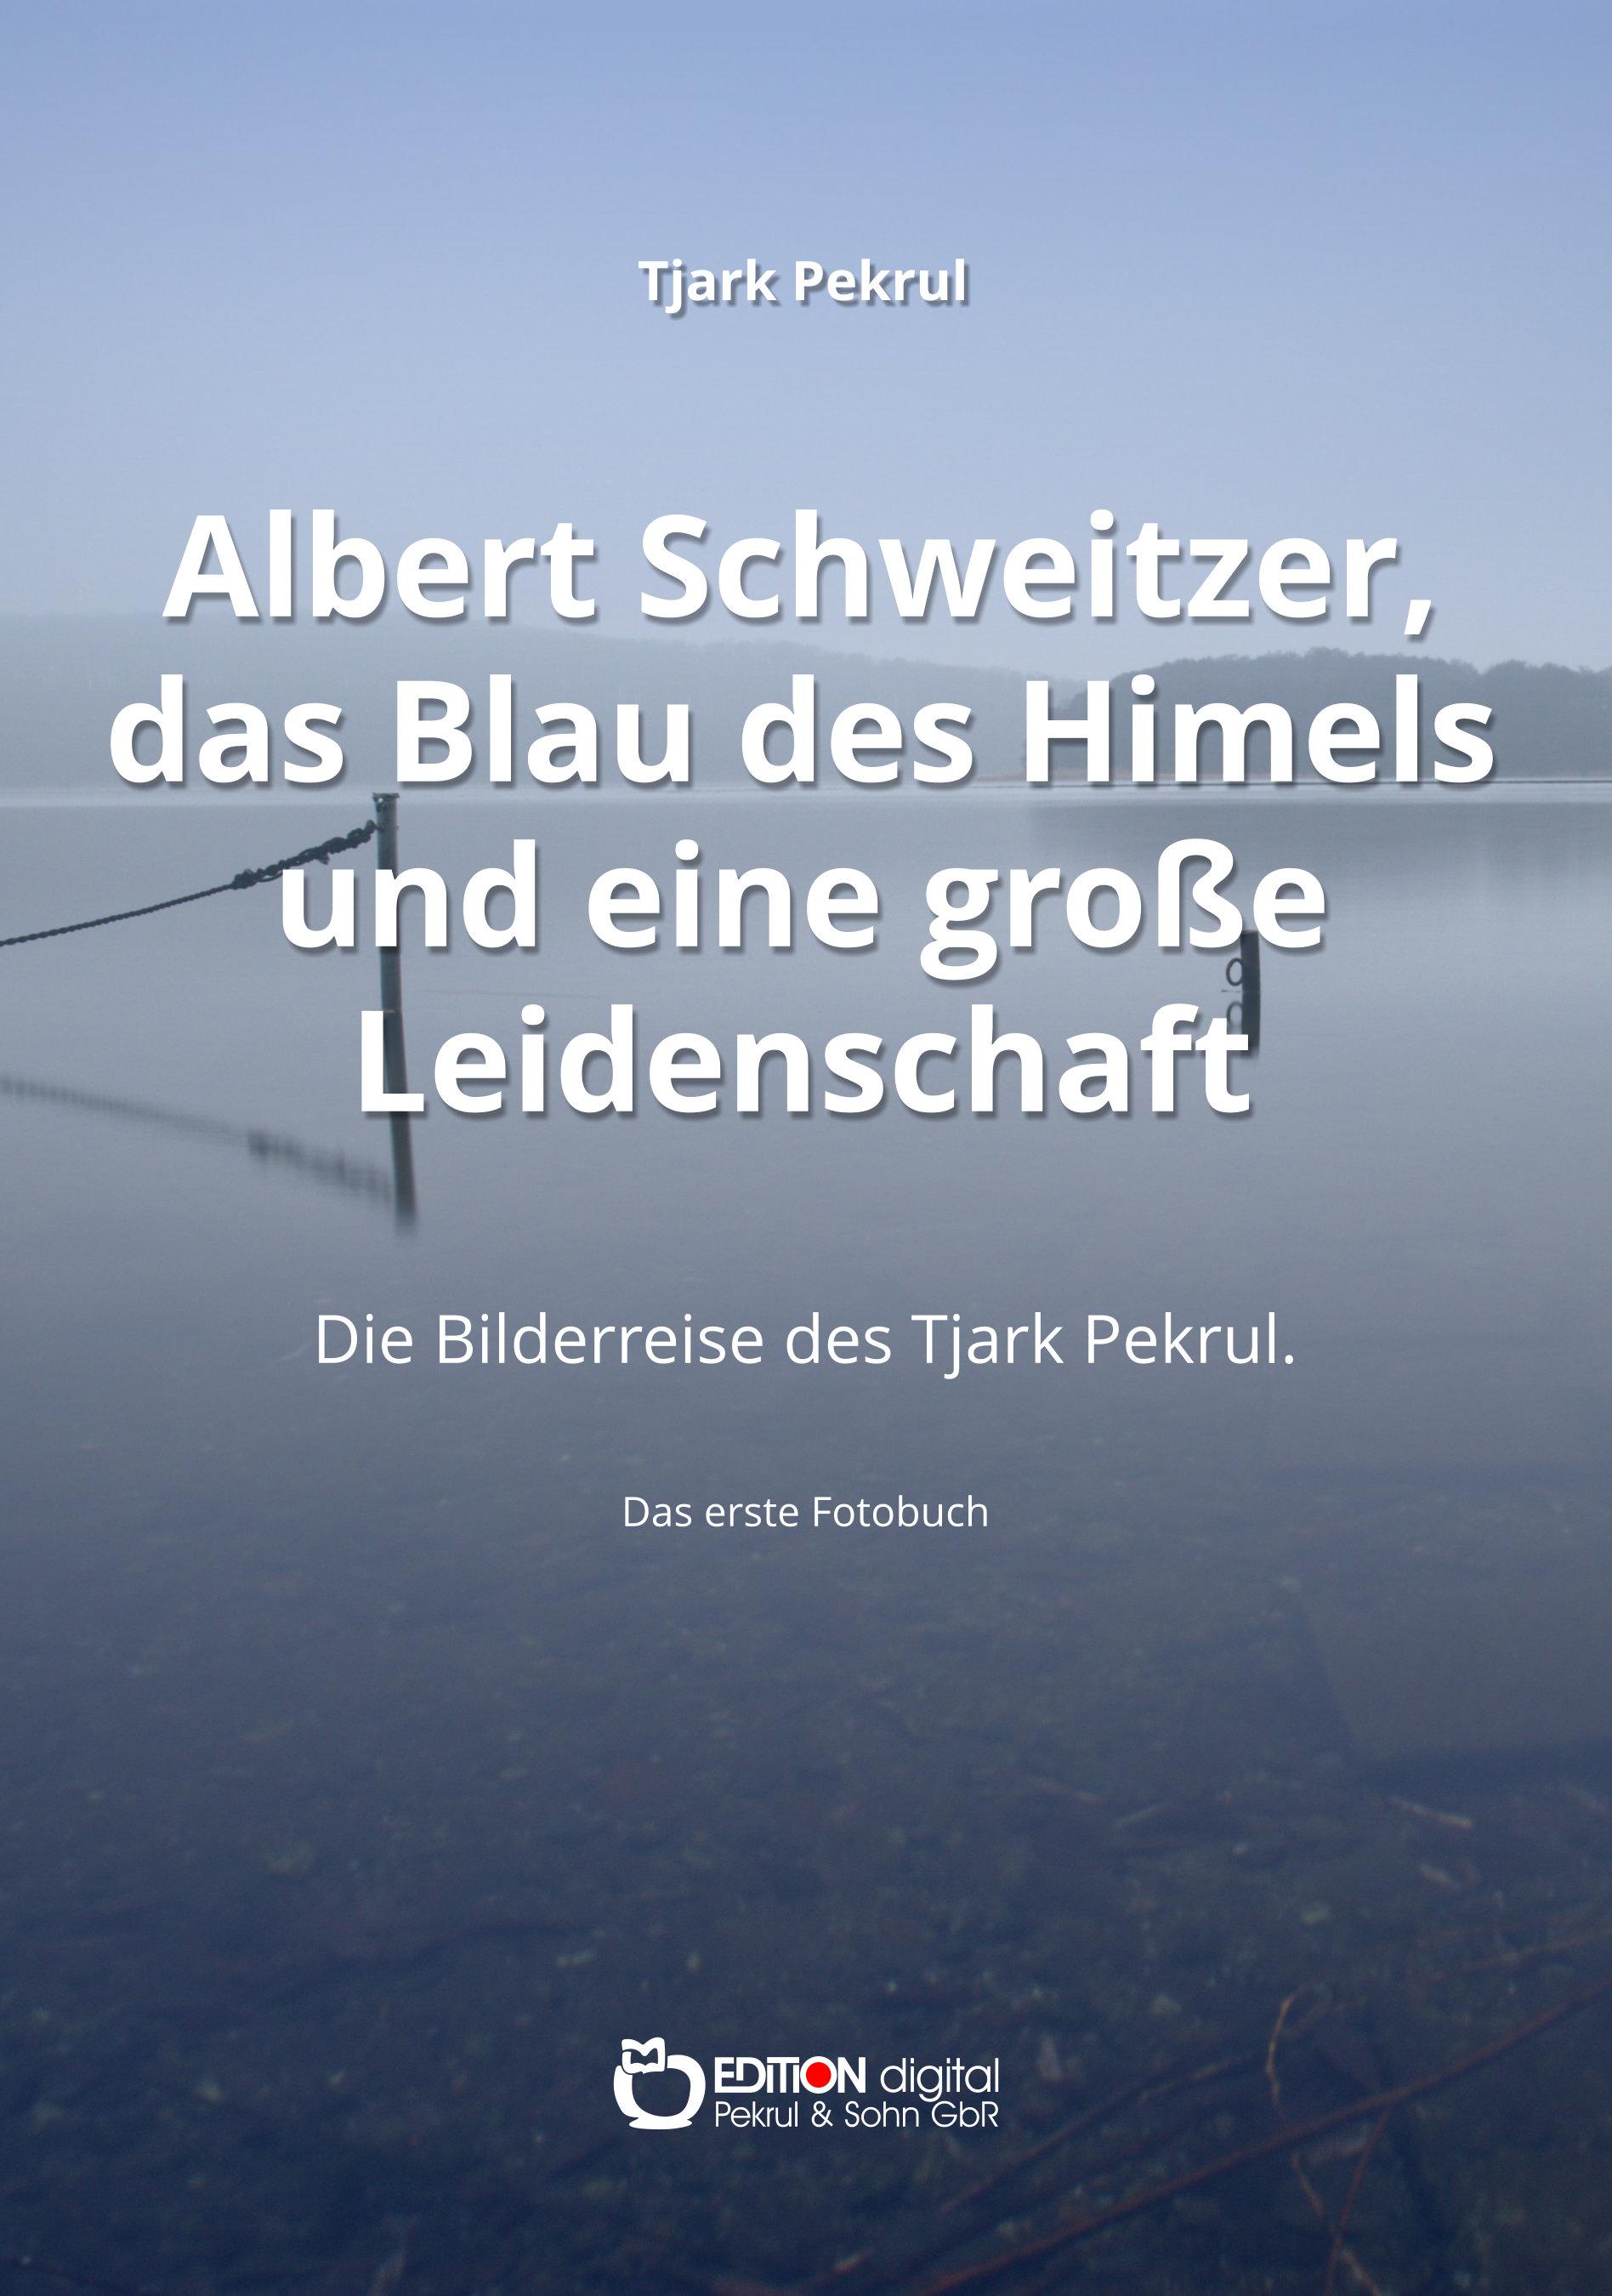 Albert Schweitzer, das Blau des Himmels und eine große Leidenschaft. Die Bilderreise des Tjark Pekrul. Das erste Fotobuch von Tjark Pekrul